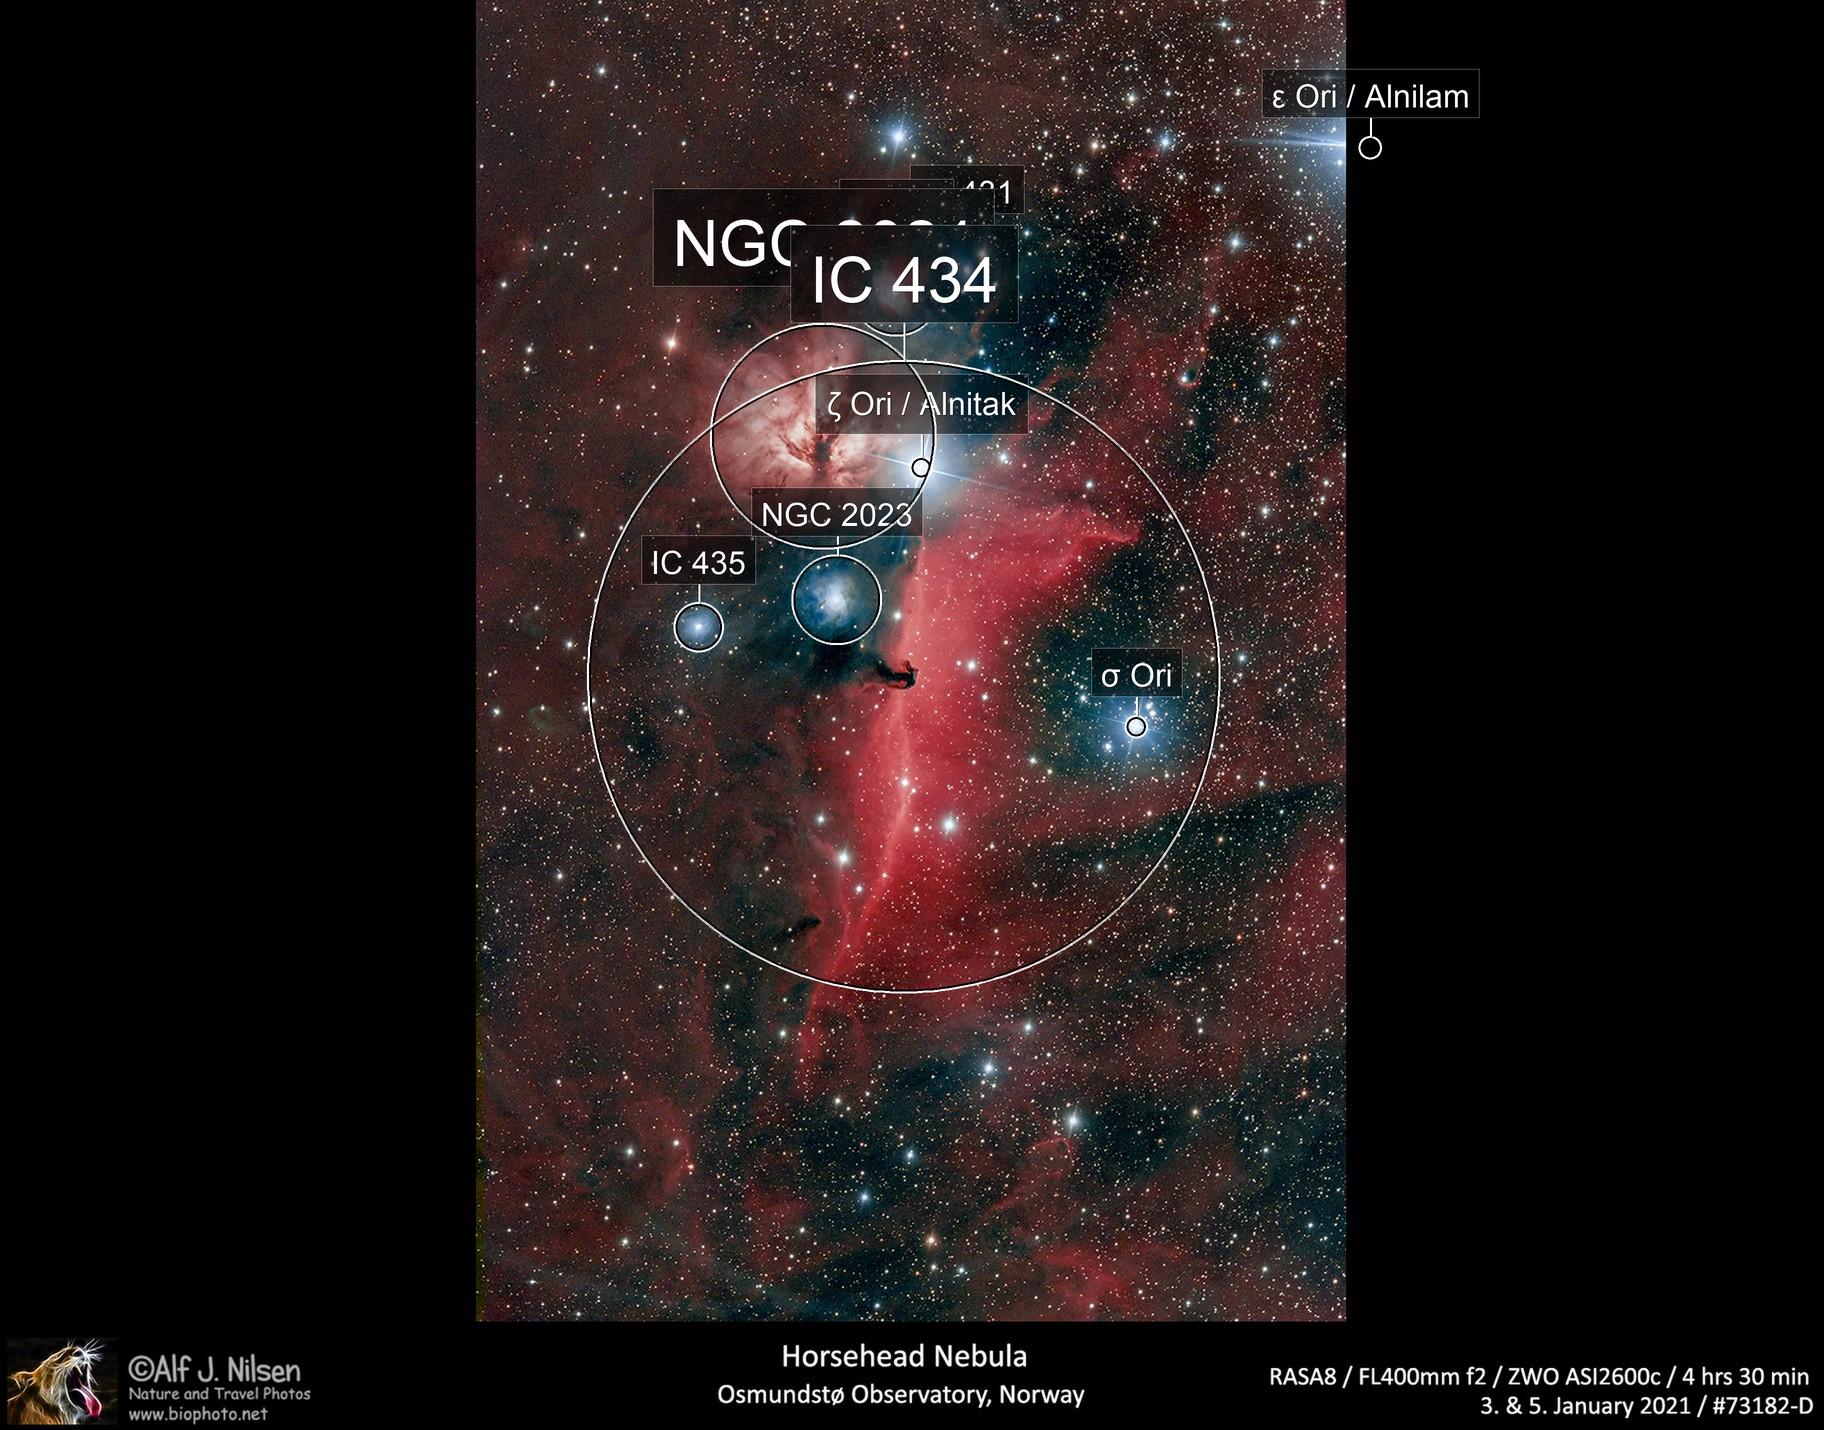 Horsehead Nebula and more